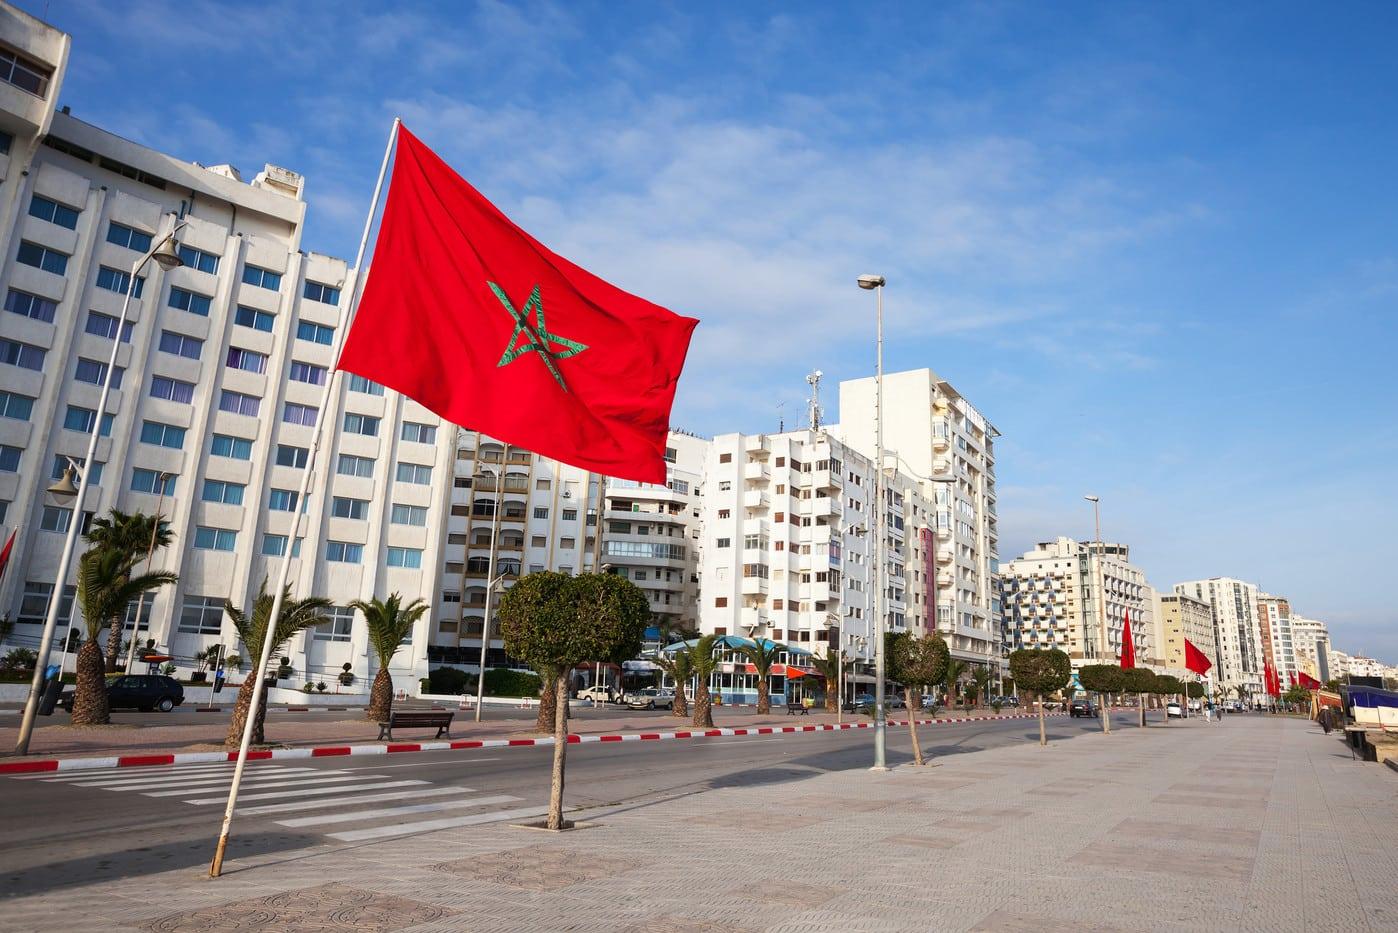 %D8%A7%D9%84%D9%85%D8%BA%D8%B1%D8%A8 حظر بيتكوين في المغرب امتداد للحرب العالمية على العملات الرقمية